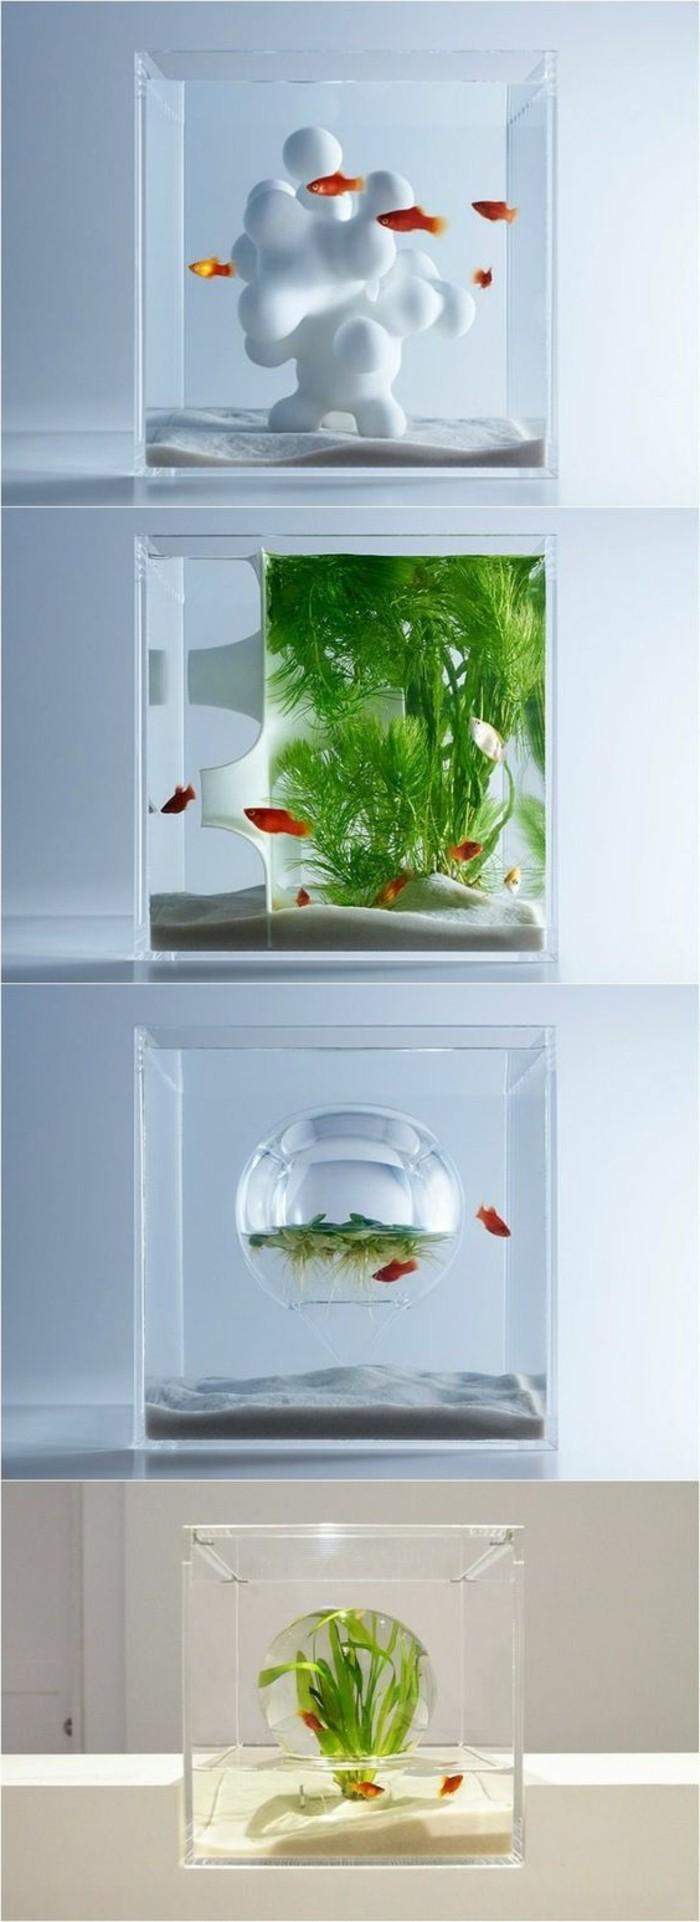 aquarium-deko-aquarium-fur-goldfische-einrichten-sand-wasserpflanzen-kleines-aquarium-aquarium-einrichtung